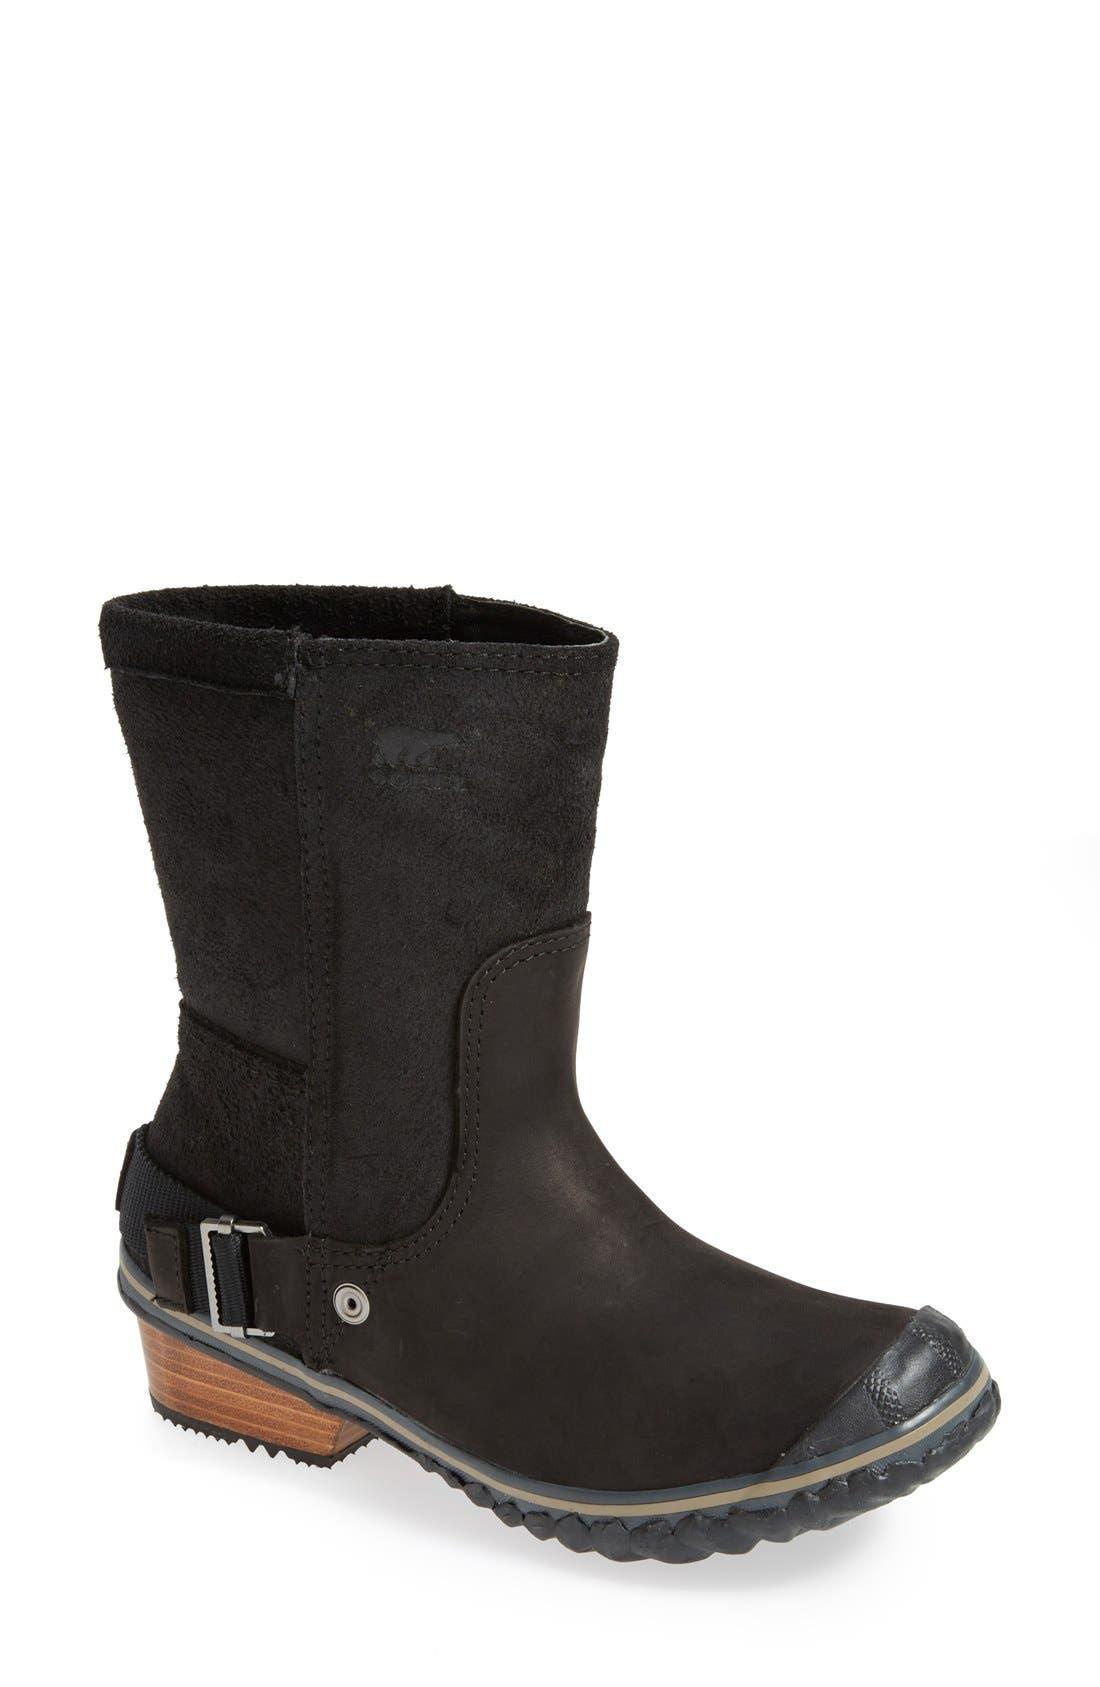 Alternate Image 1 Selected - SOREL 'Slimshortie™' Waterproof Boot (Women)